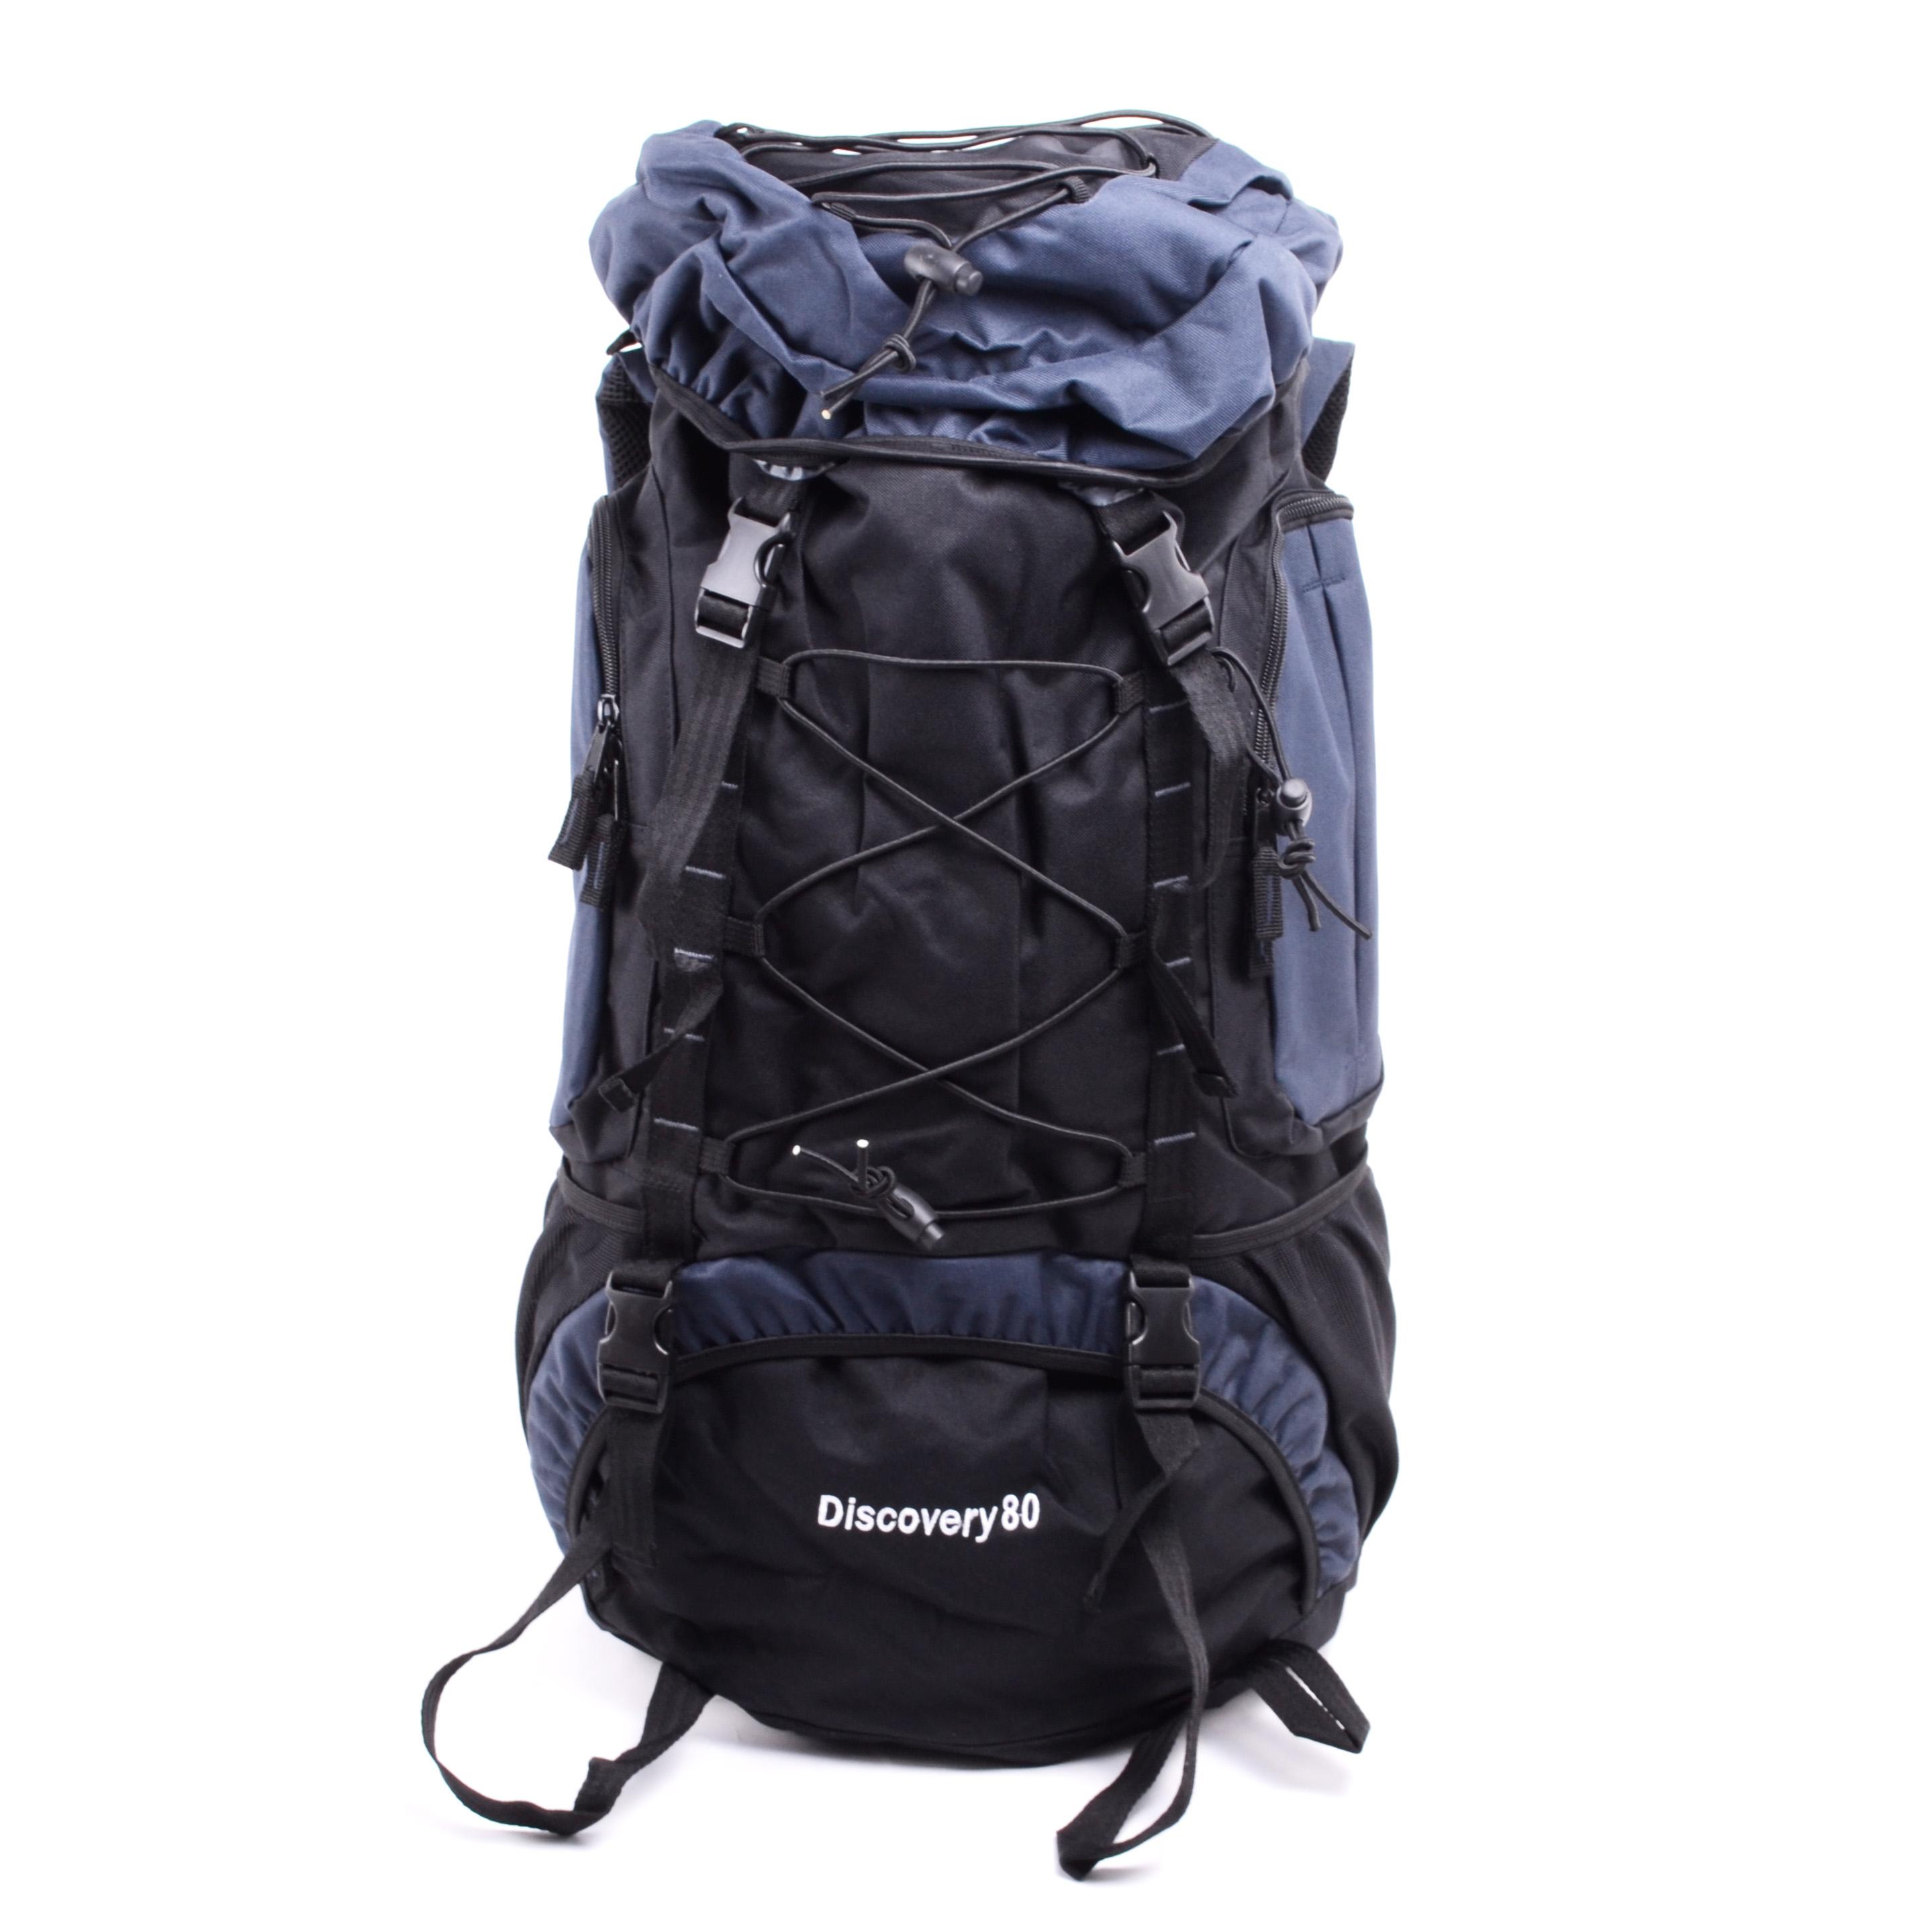 c3a0c4048532 Adventurer Túrahátizsák Fekete-Kék - HÁTIZSÁKOK - Táska webáruház -  Minőségi táskák mindenkinek